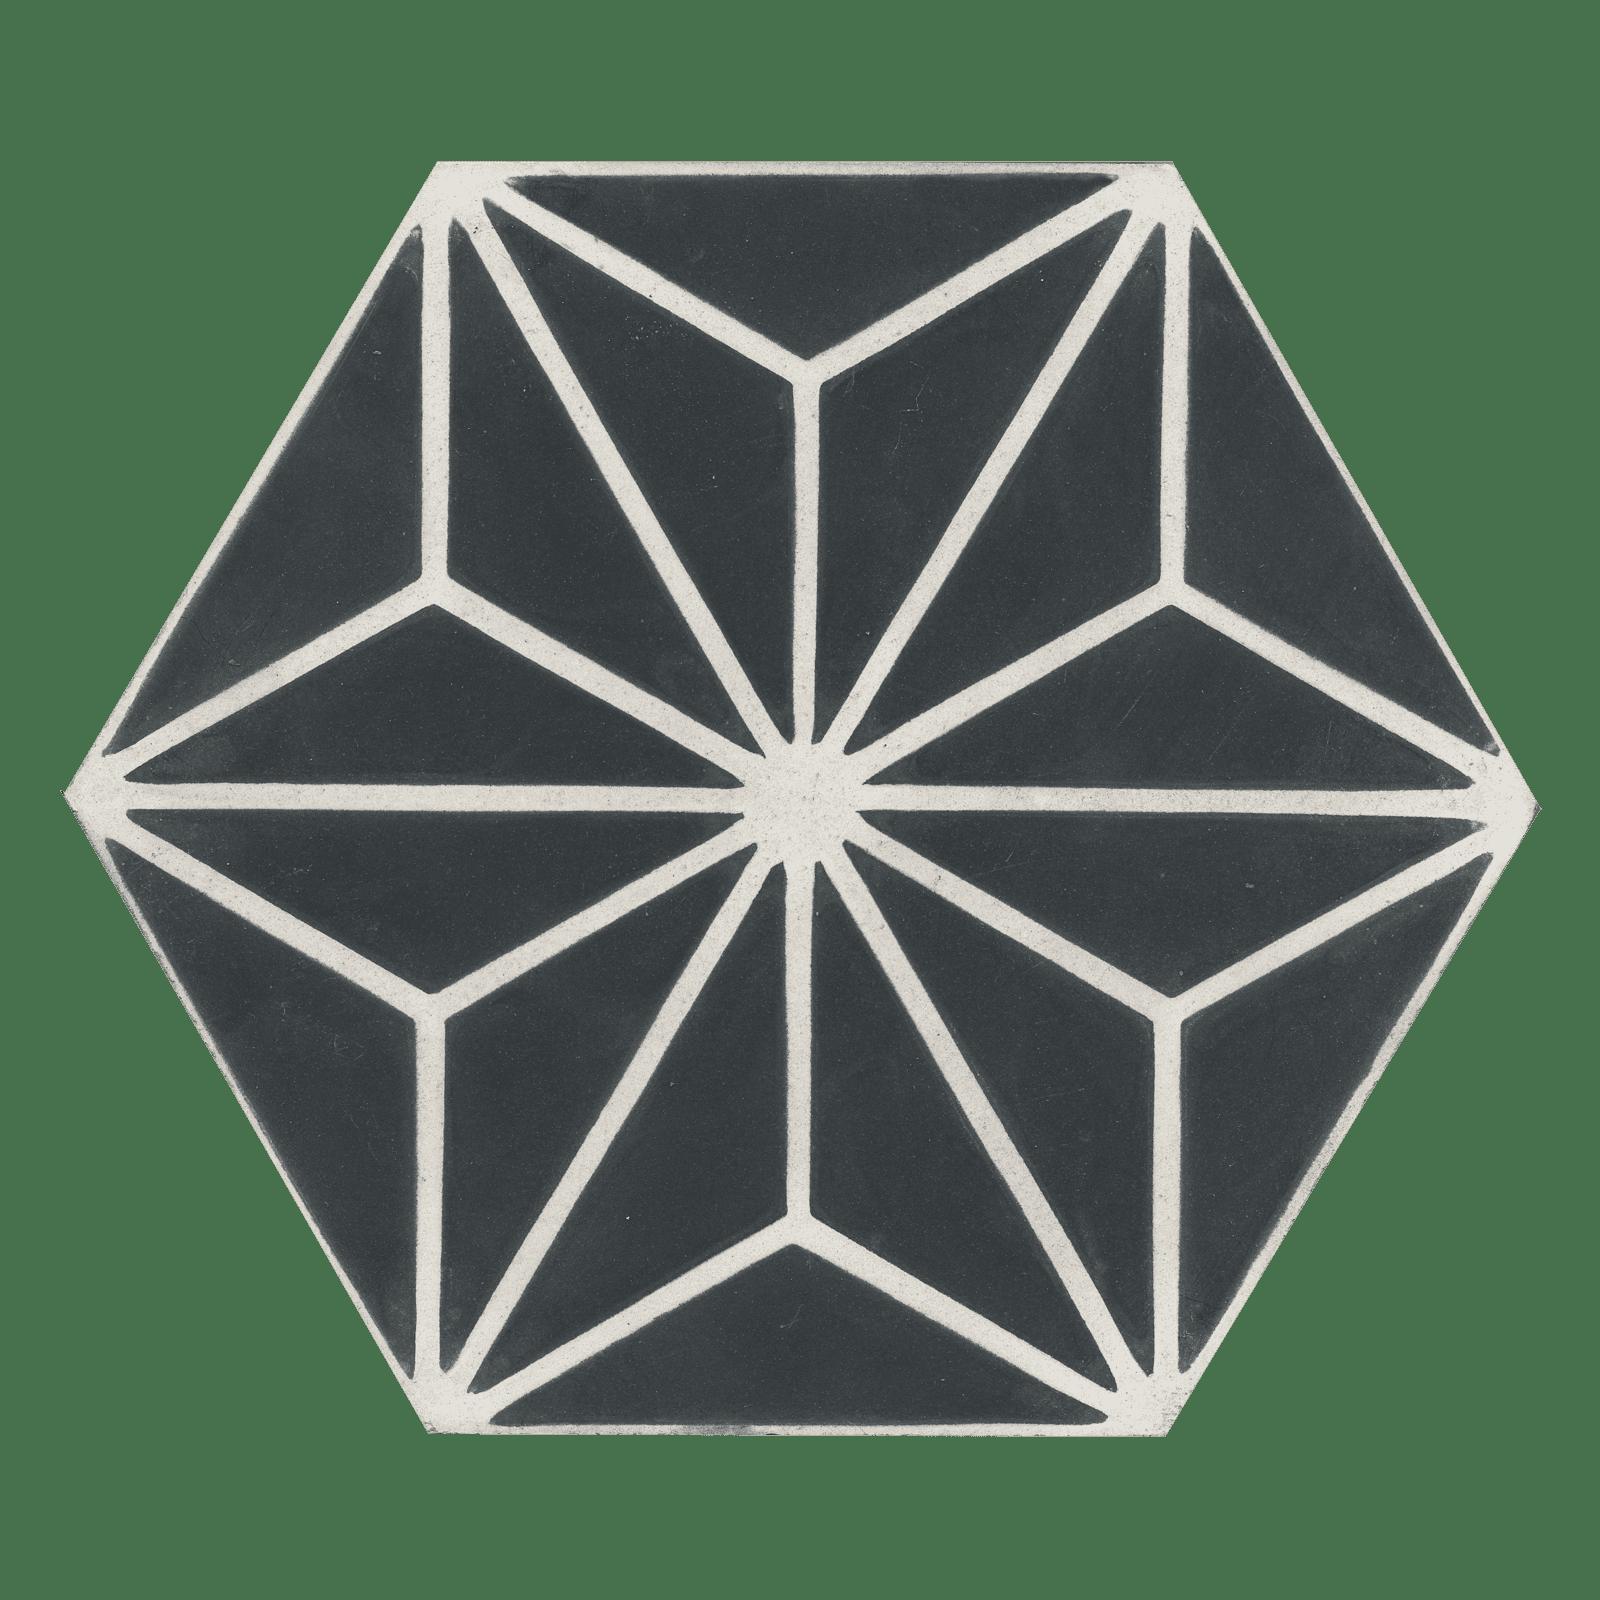 zementmosaikfliesen-nummer-600660-viaplatten | 600660